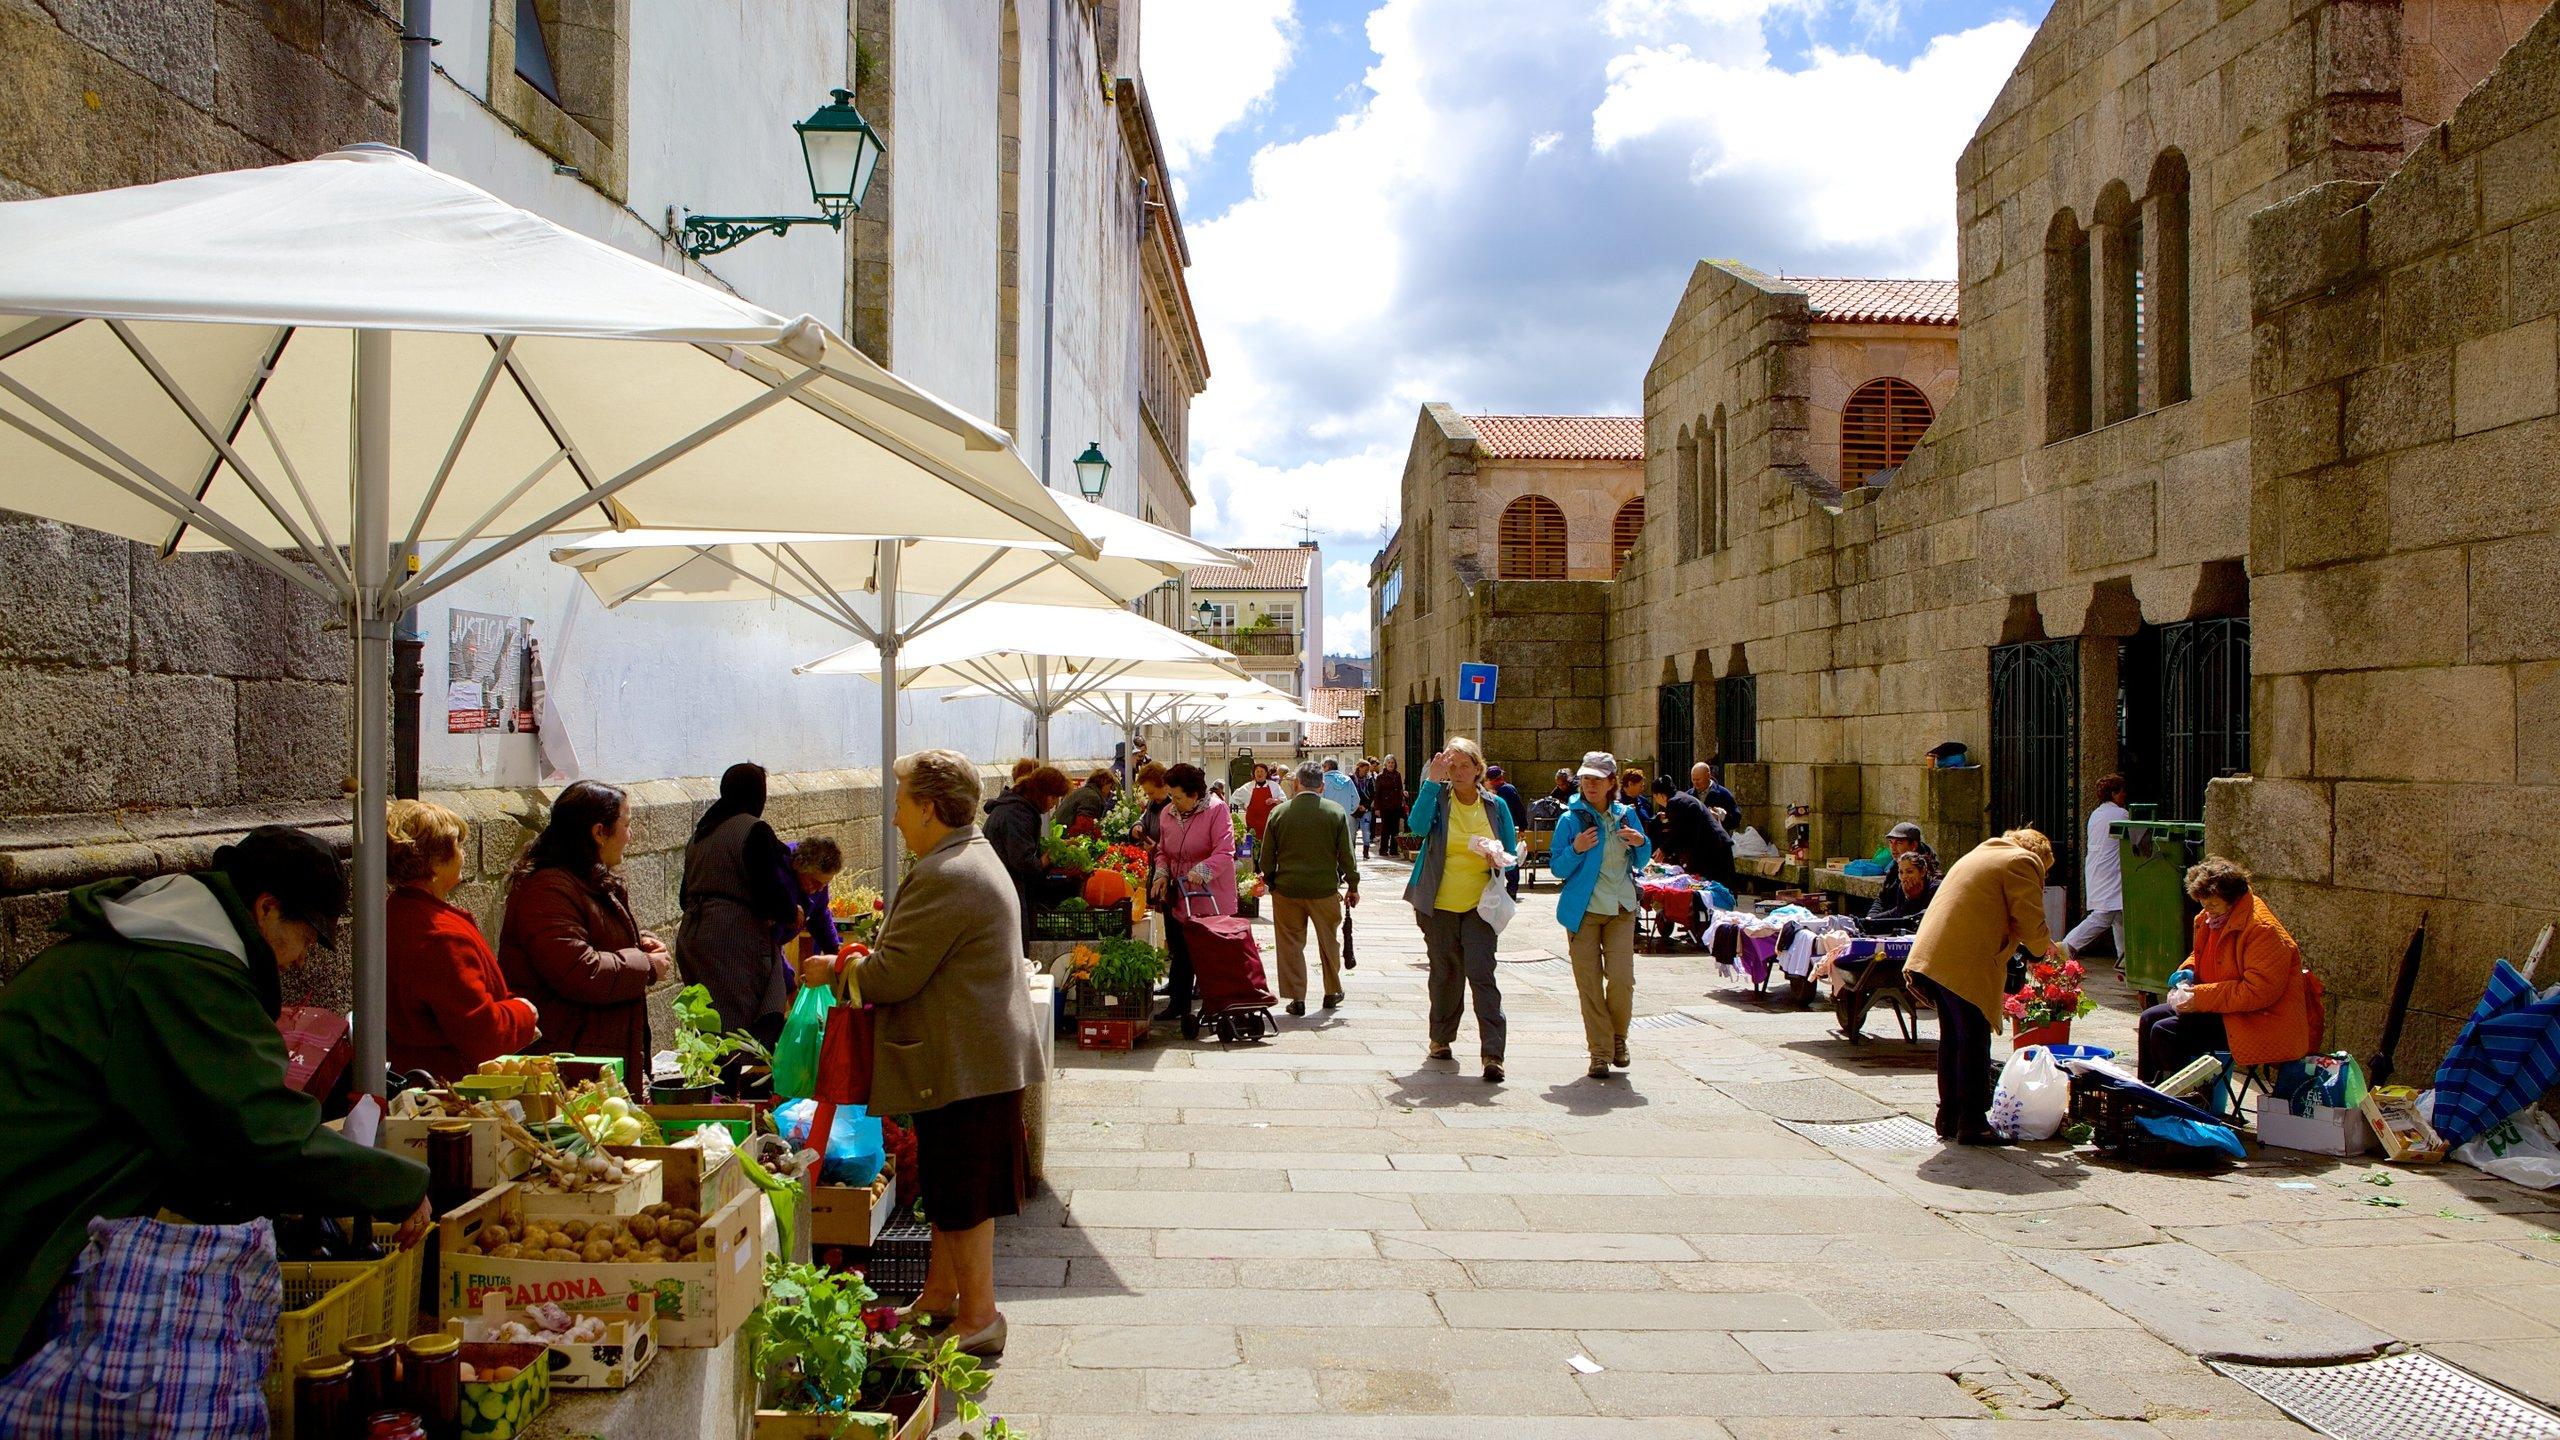 Mercado de Abastos de Santiago, Santiago de Compostela, Galicia, España